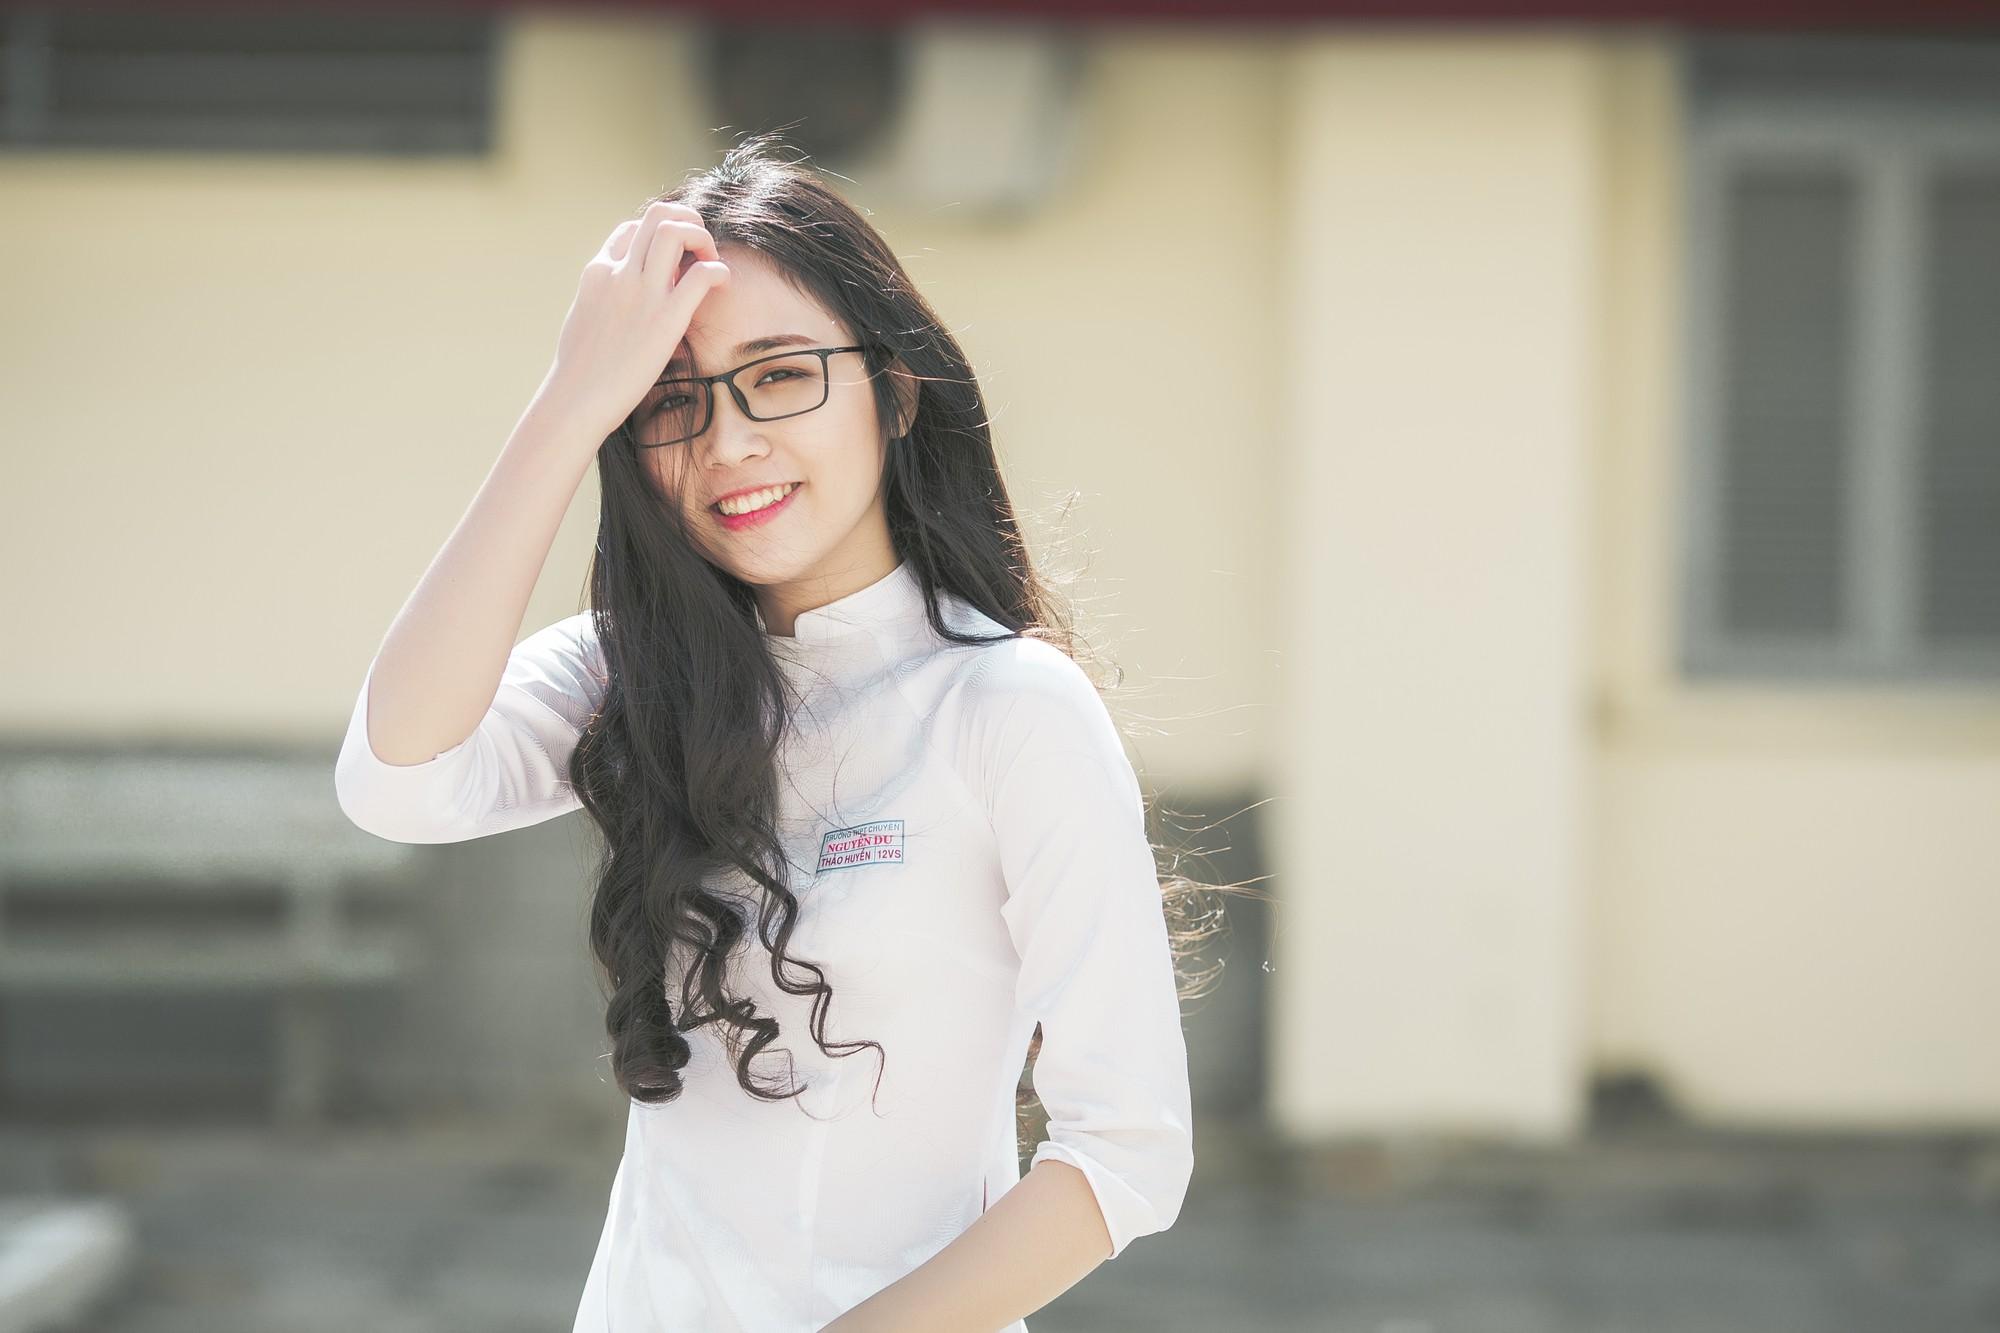 Không thể rời mắt trước bộ hình áo dài quá xinh của nữ sinh 2000 đến từ Đắk Lắk - Ảnh 2.